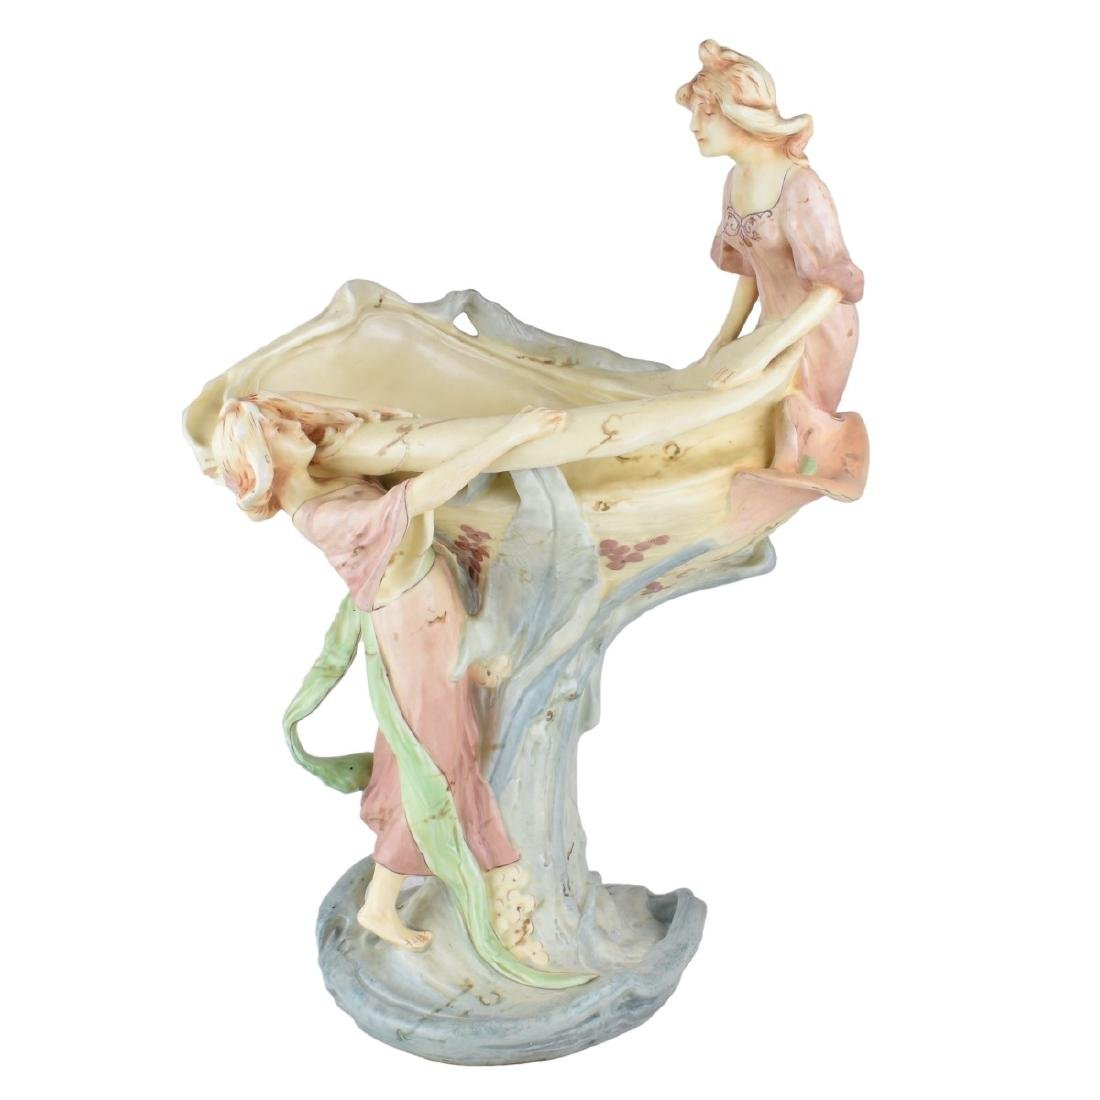 Royal Dux Amphora Art Nouveau Figural Group